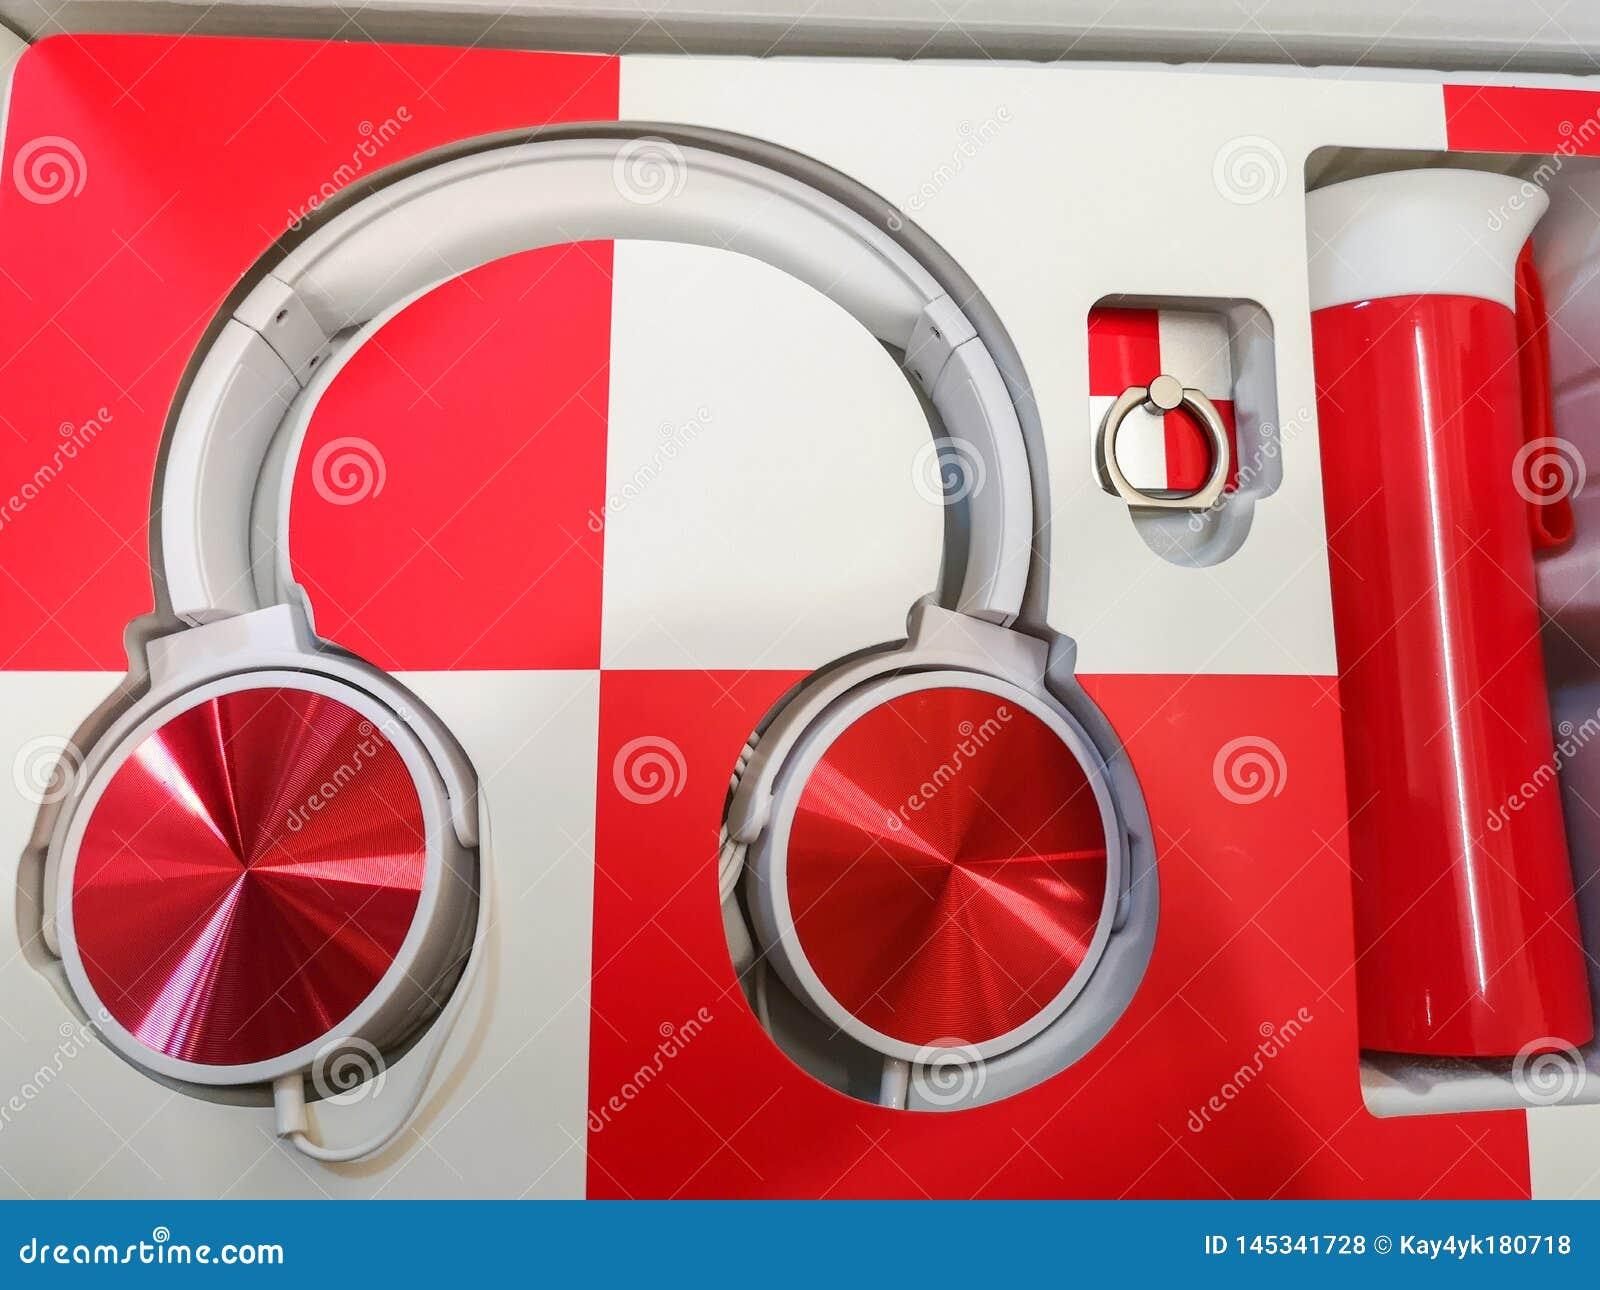 Κόκκινος-άσπρα ακουστικά, ακουστικά ως δώρο, πολύχρωμη μουσική